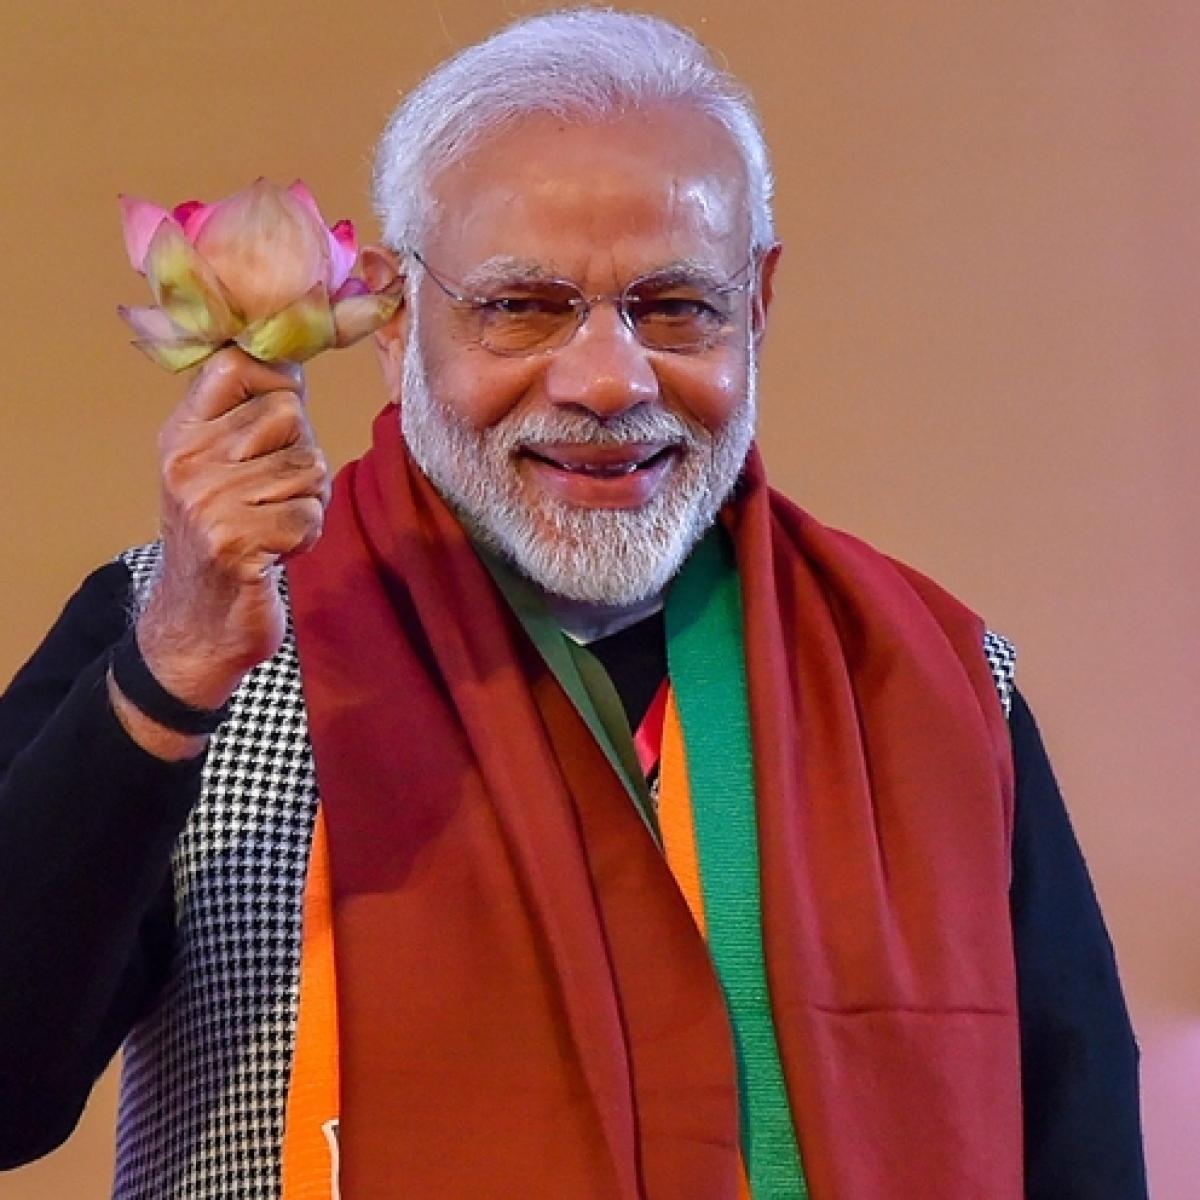 Christ's teachings inspire millions across world: PM Modi